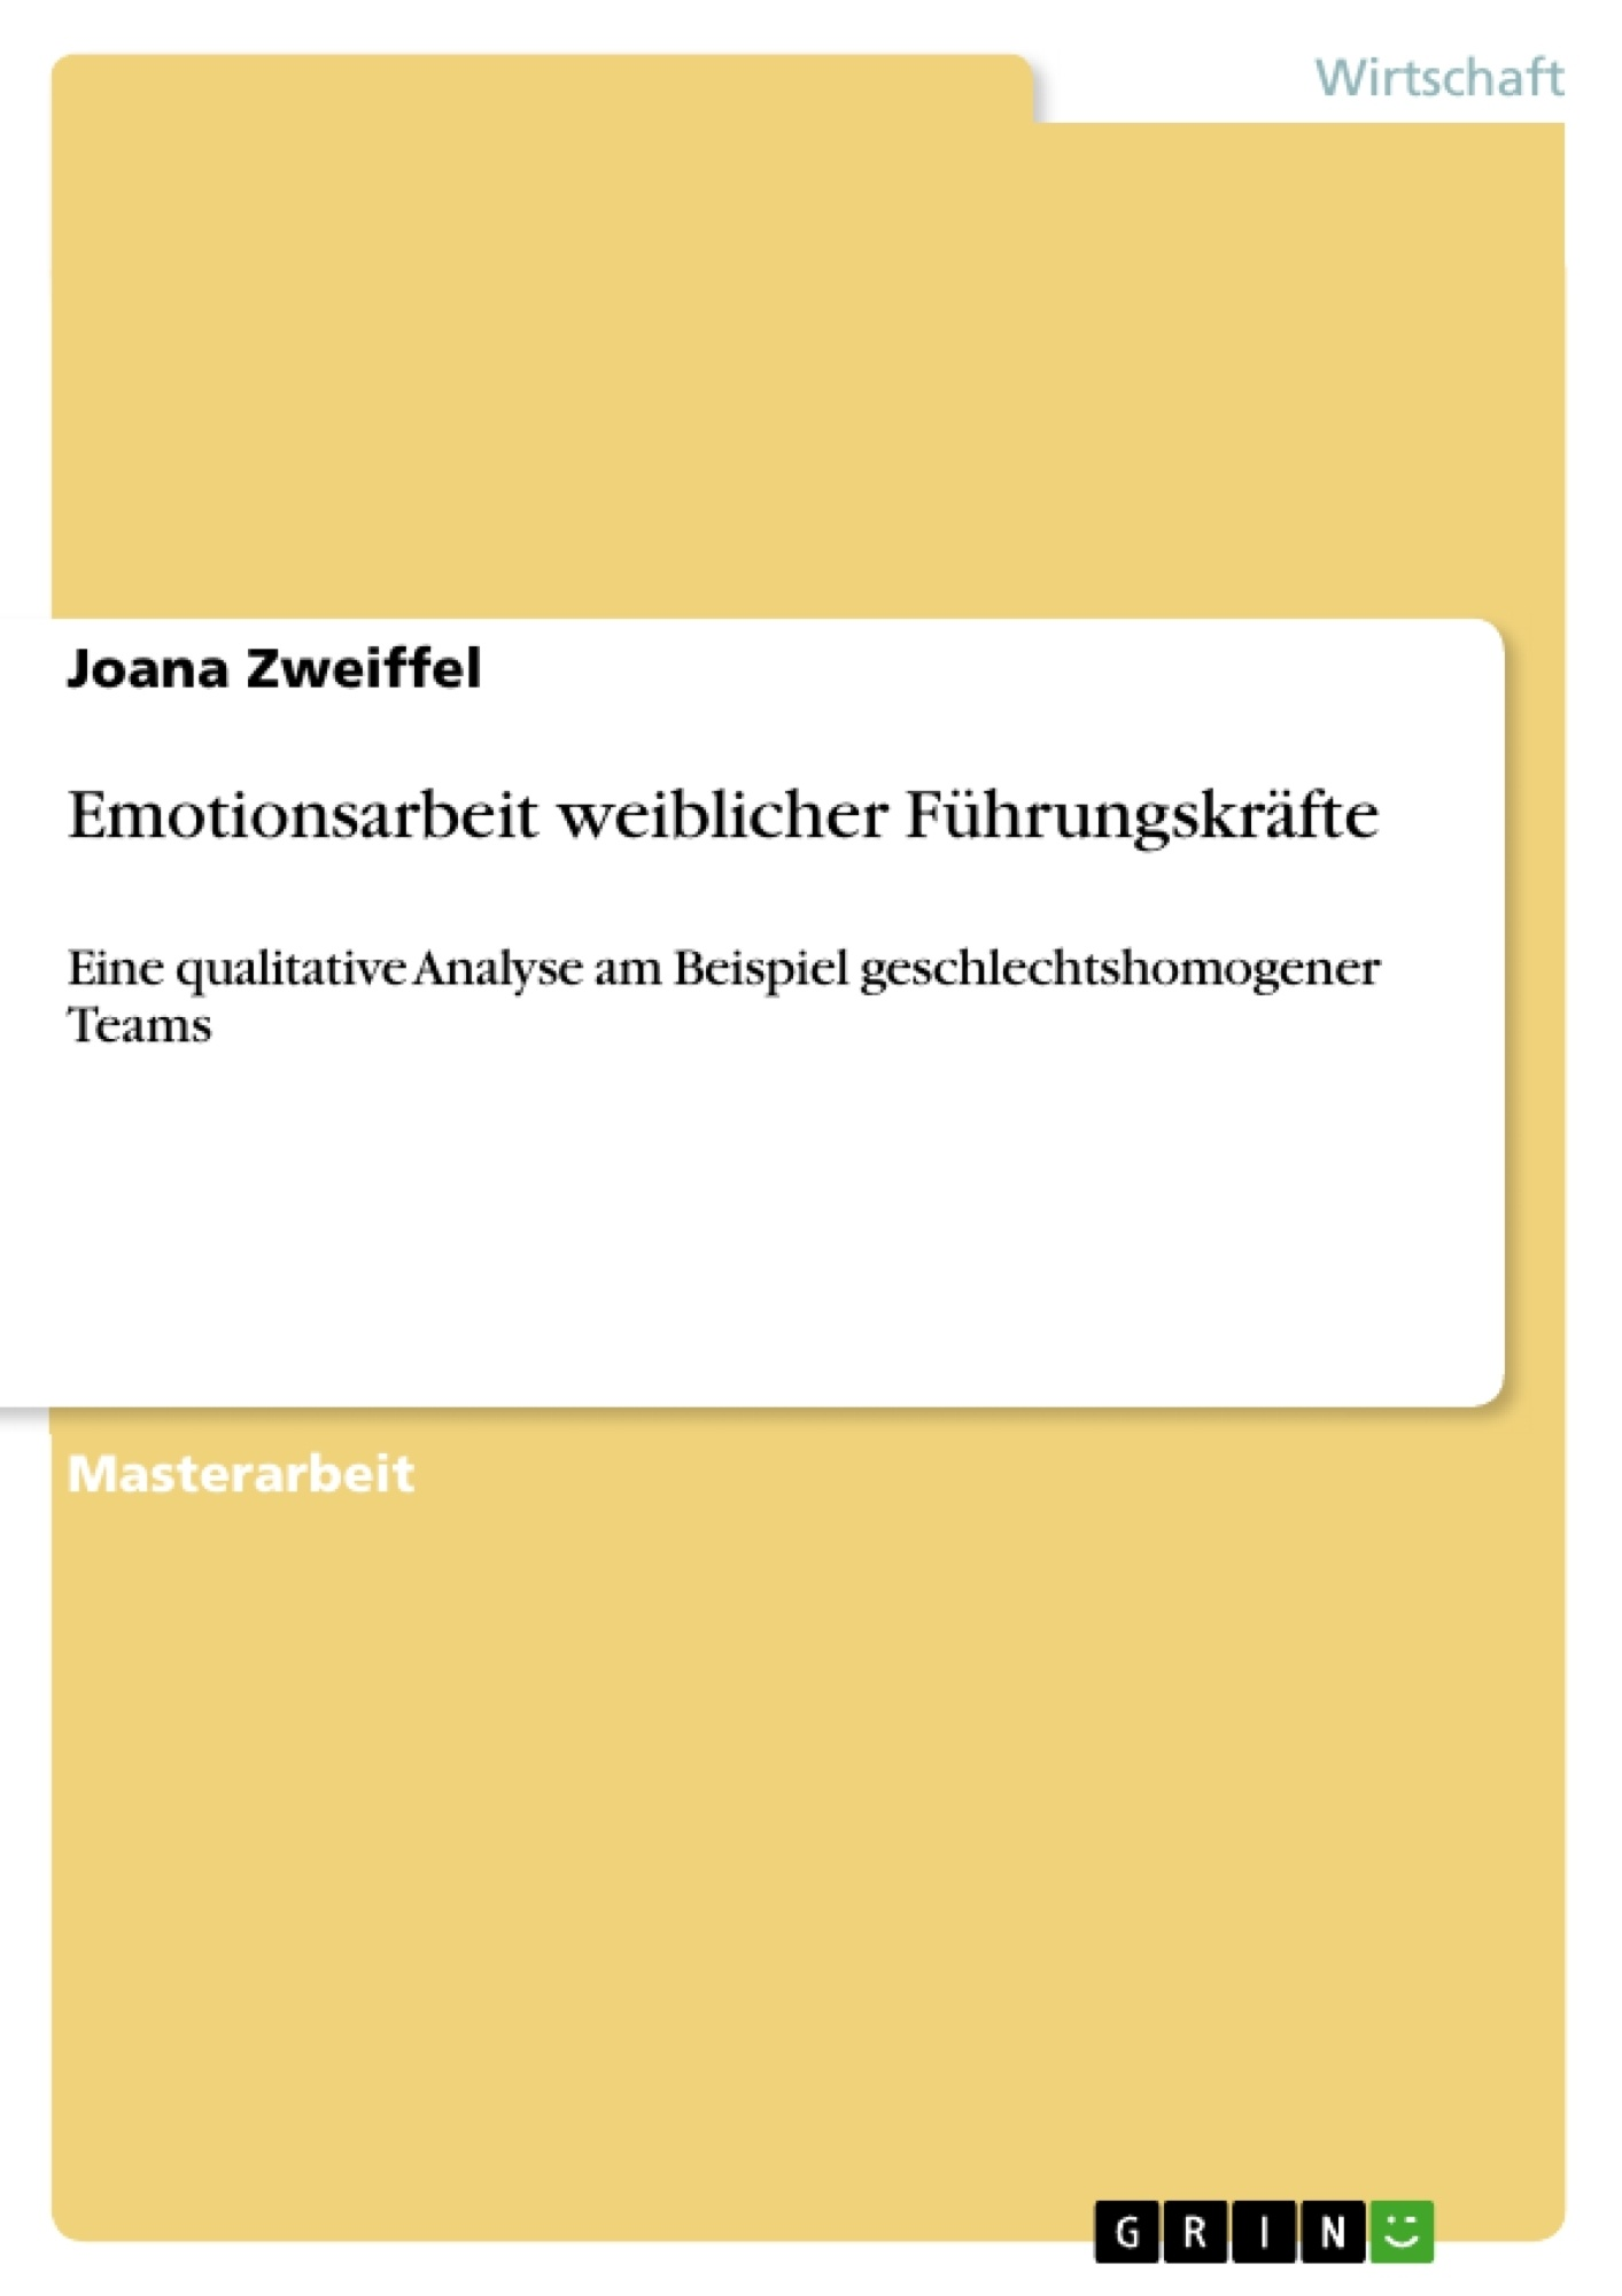 Titel: Emotionsarbeit weiblicher Führungskräfte